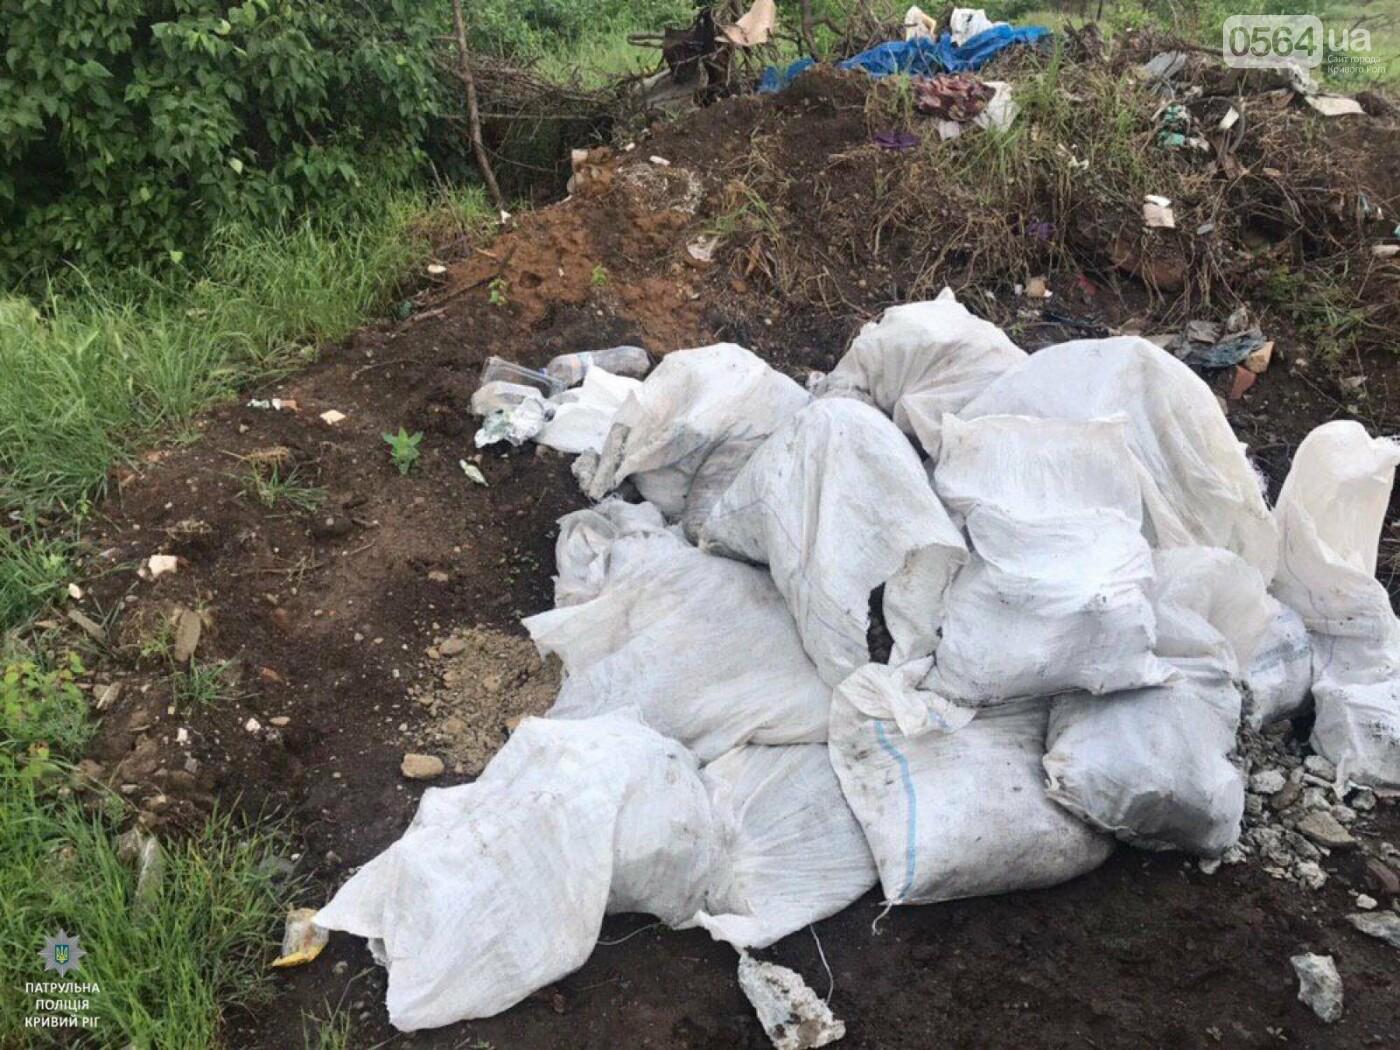 Криворожанин, который выбрасывал мусор в неположенном месте, получил админпротокол, - ФОТО , фото-2